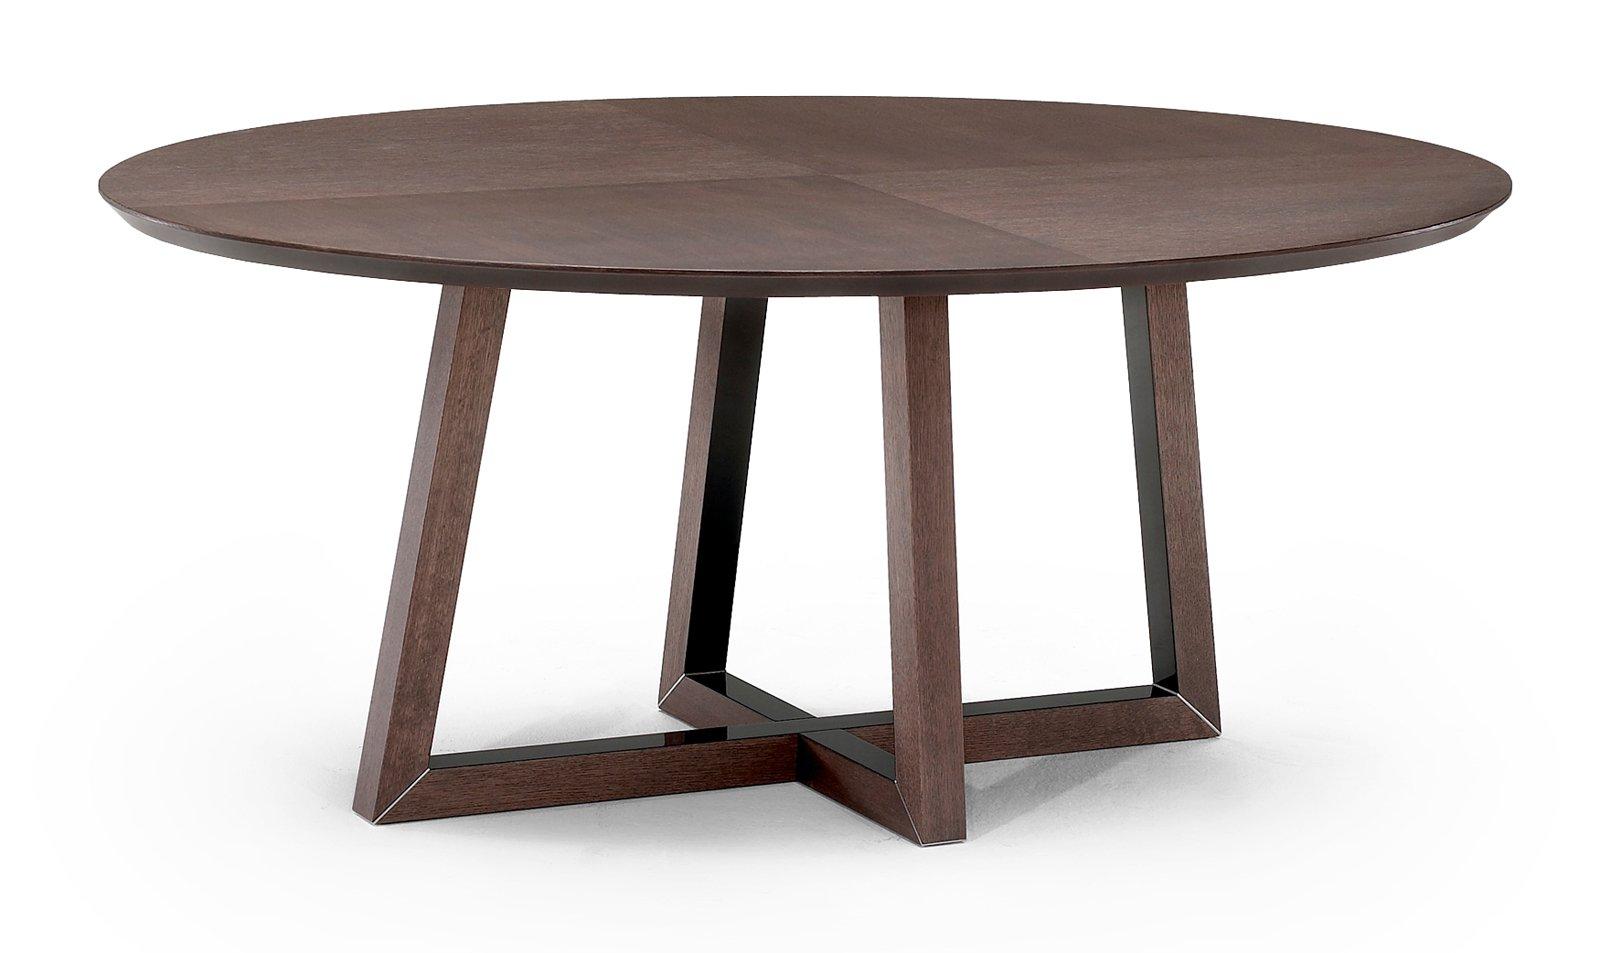 Tavoli tondo bello a volte salvaspazio cose di casa for Tavoli e divani per esterni